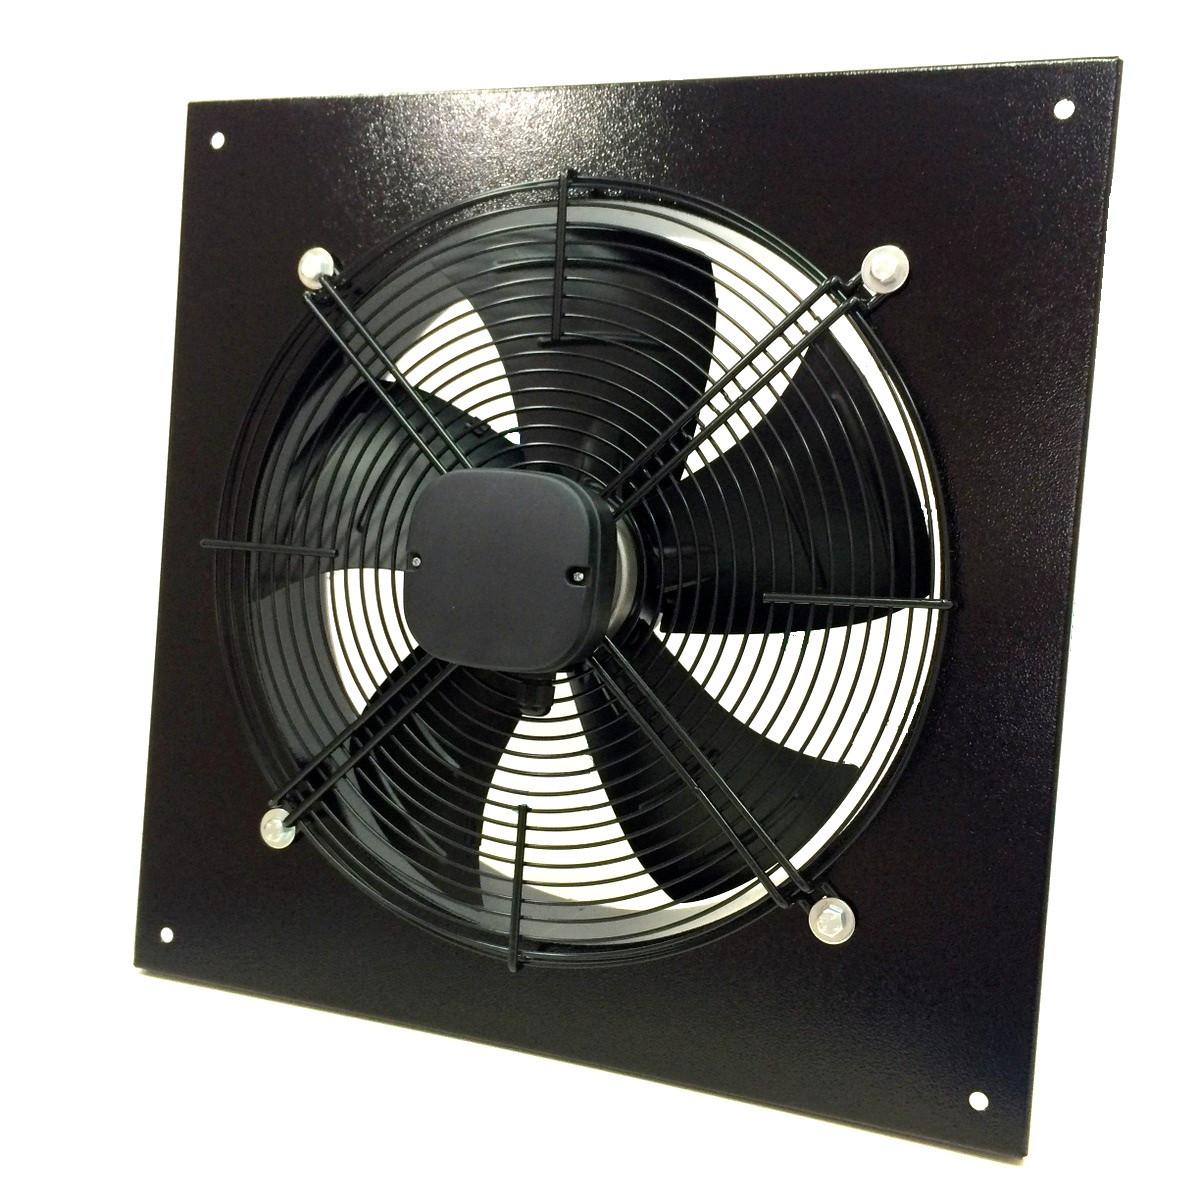 ВЕНТС ОВ 4Е 630 - осевой вентилятор низкого давления